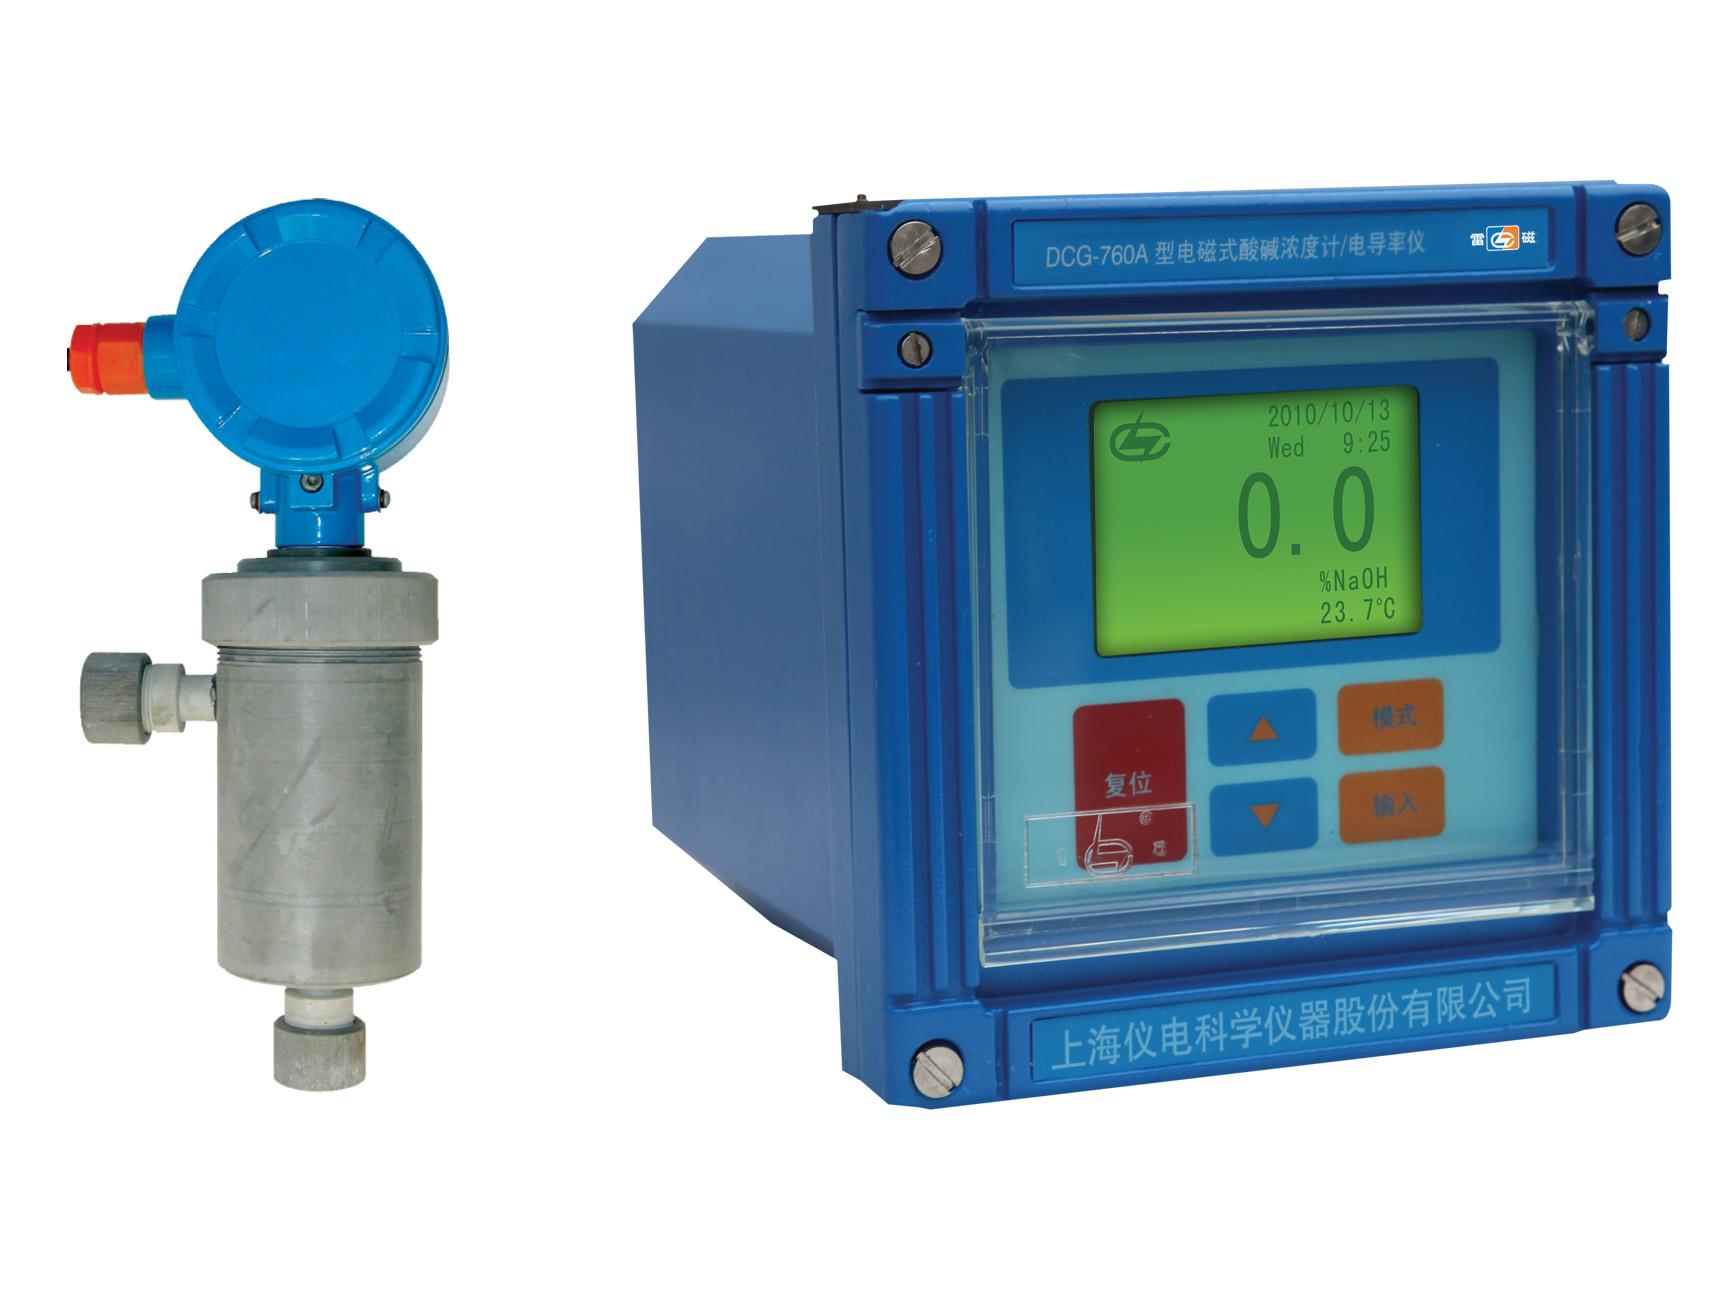 雷磁电磁式酸碱浓度计/电导率仪DCG-760A型